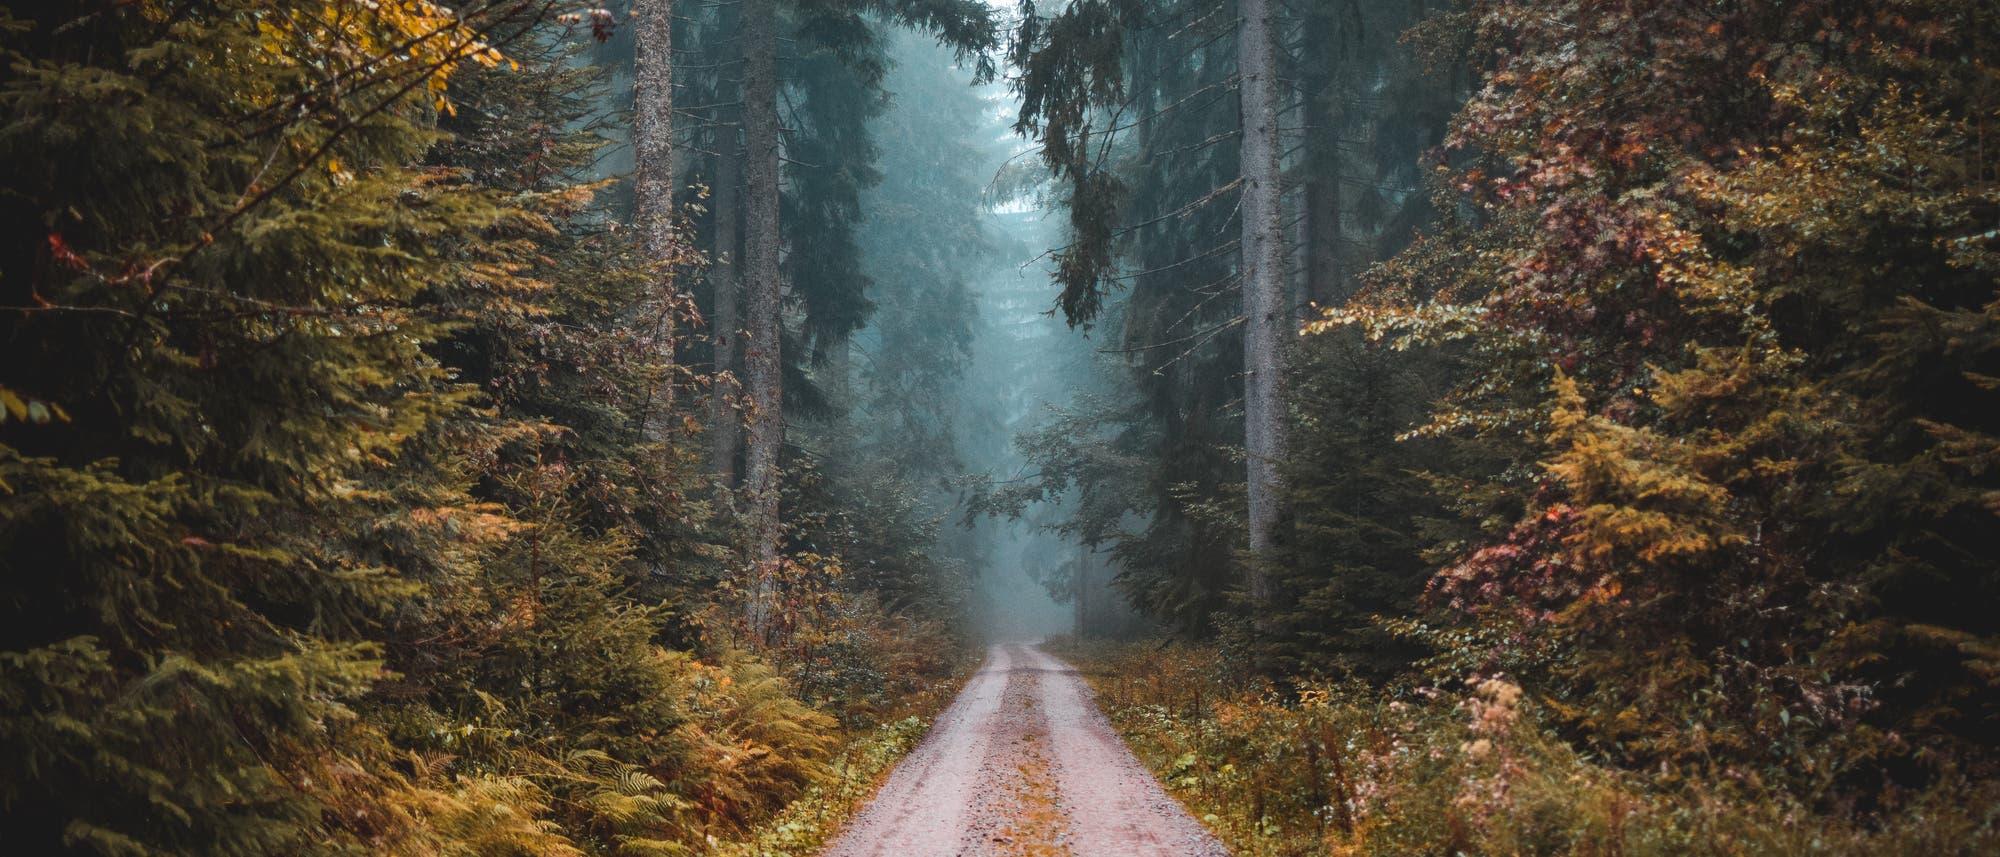 Eine Fahrstraße durch einen dunklen, dichten Wald